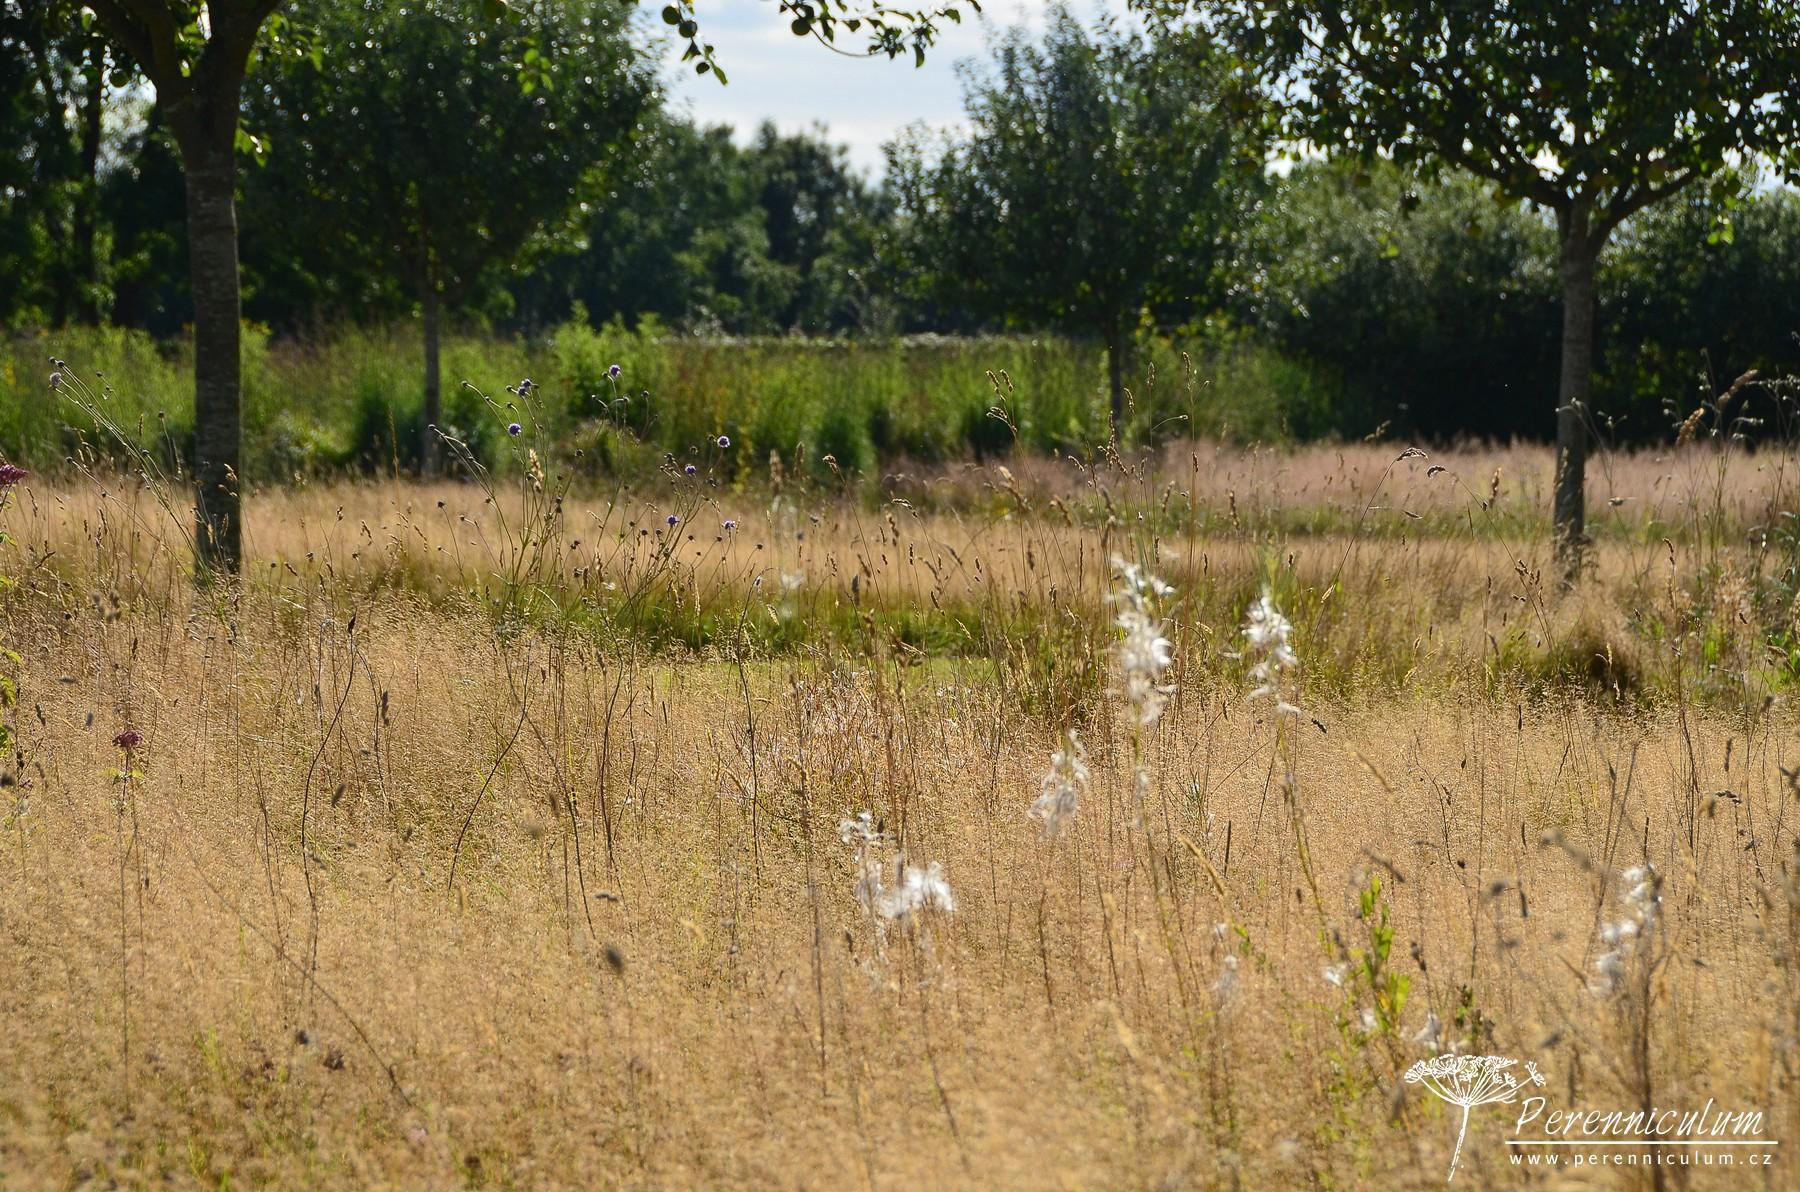 Koncem léta zde dominují okrasné trávy s občasně kvetoucími trvalkami jako Succisa pratensis.